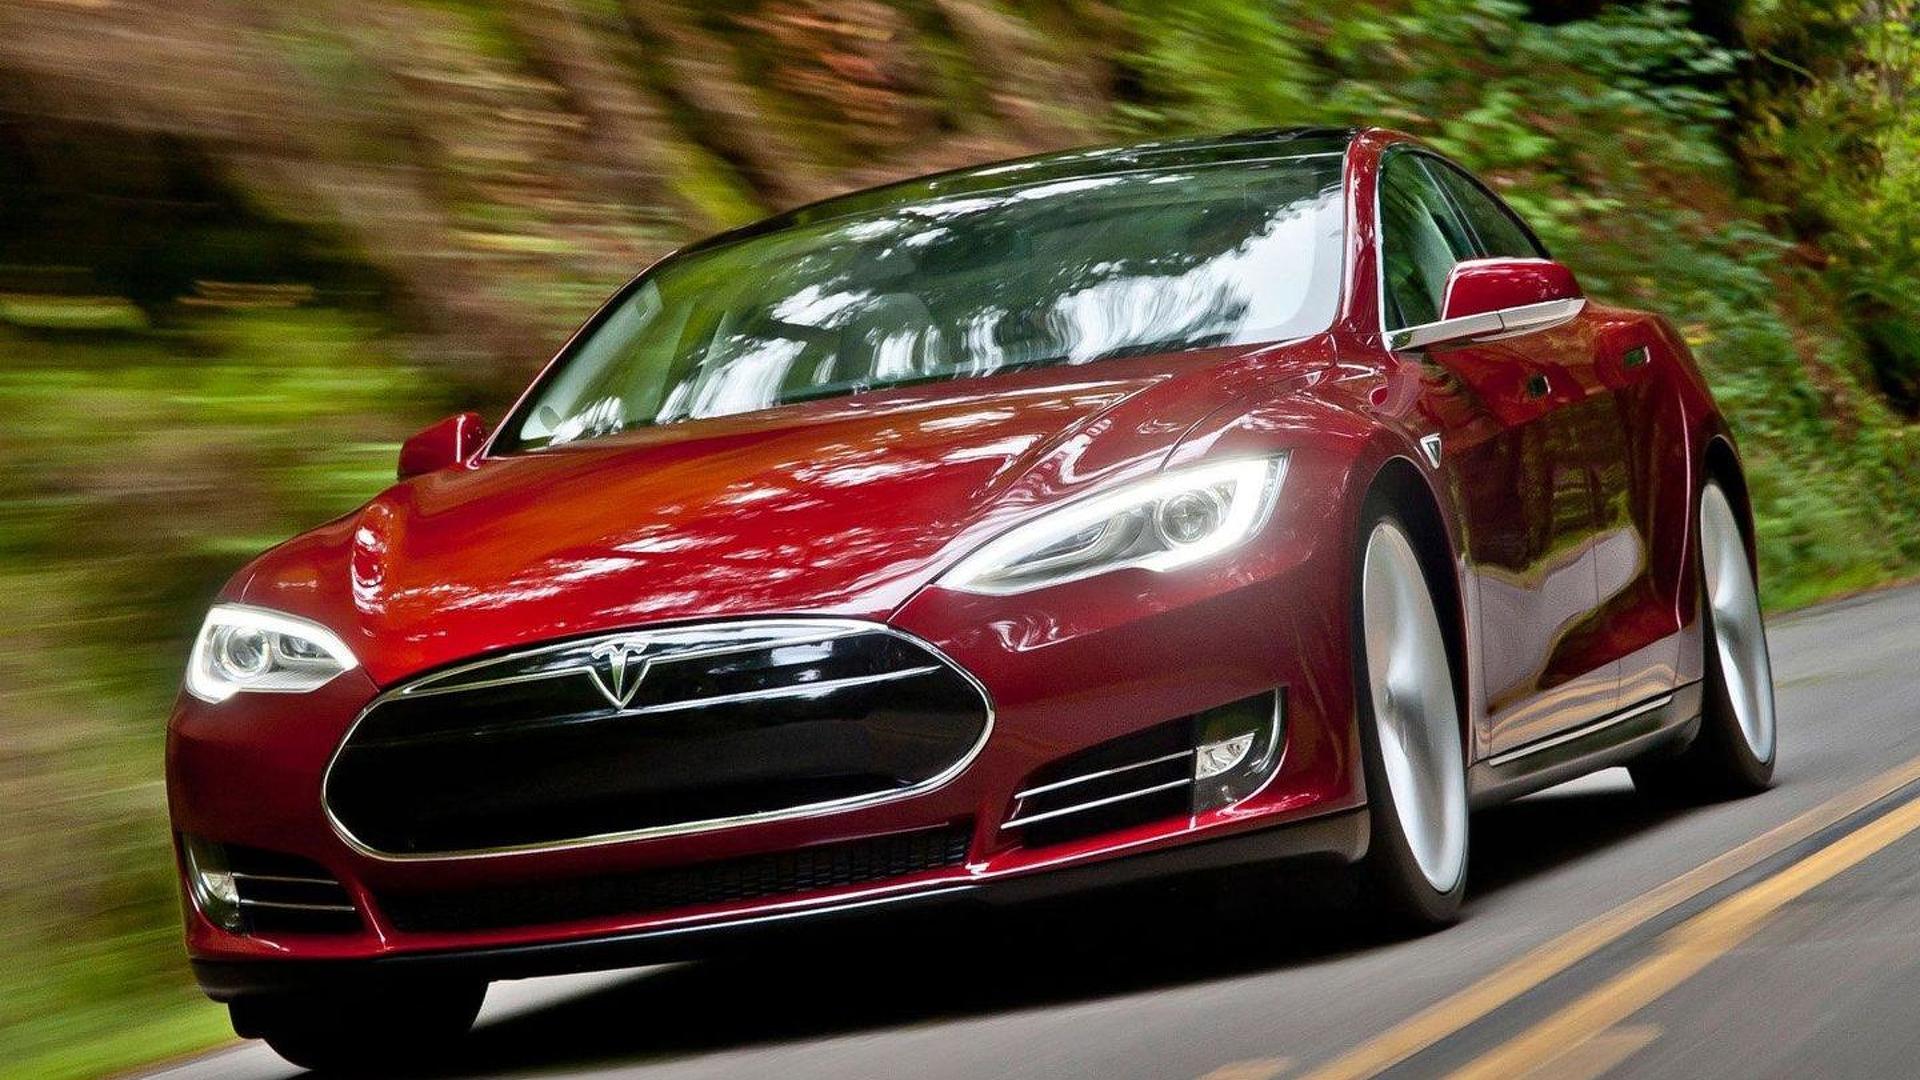 Tesla Model S battery swap demonstration due tomorrow